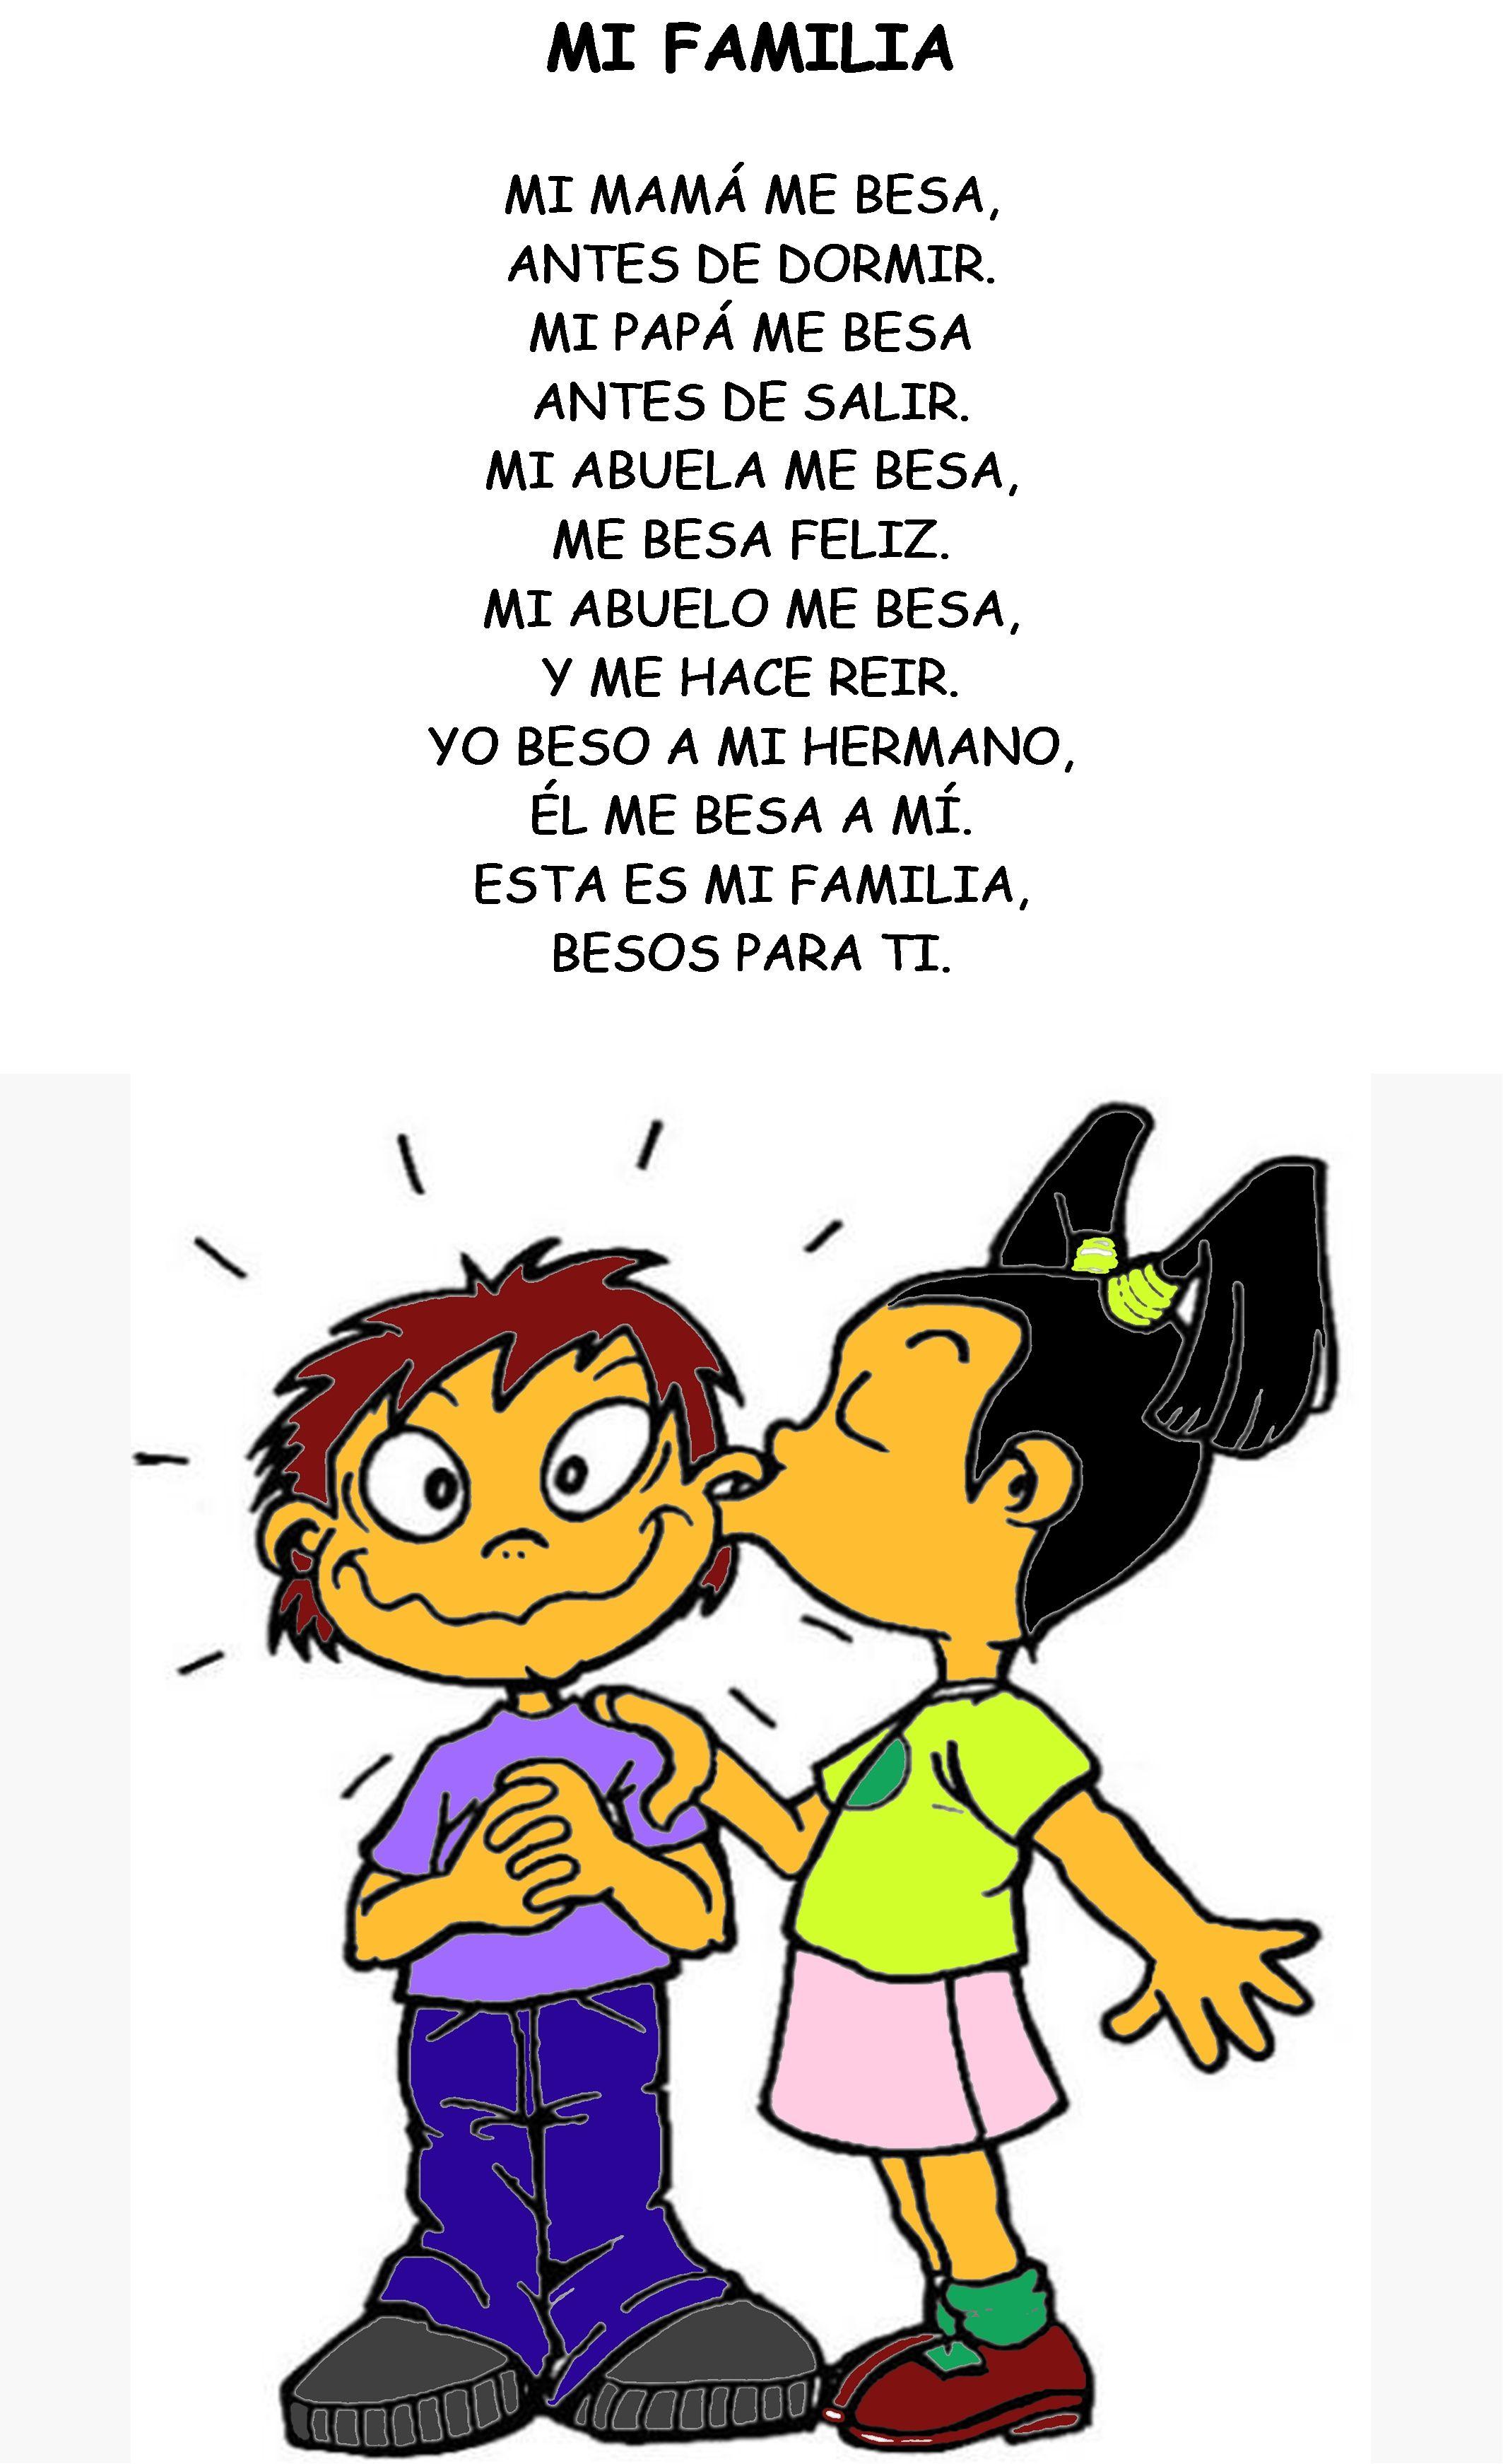 Poemas Canciones Para El Dia De La Madre Para Niños Poesia De La Familia Infantil Poesia De La Familia Poemas Para